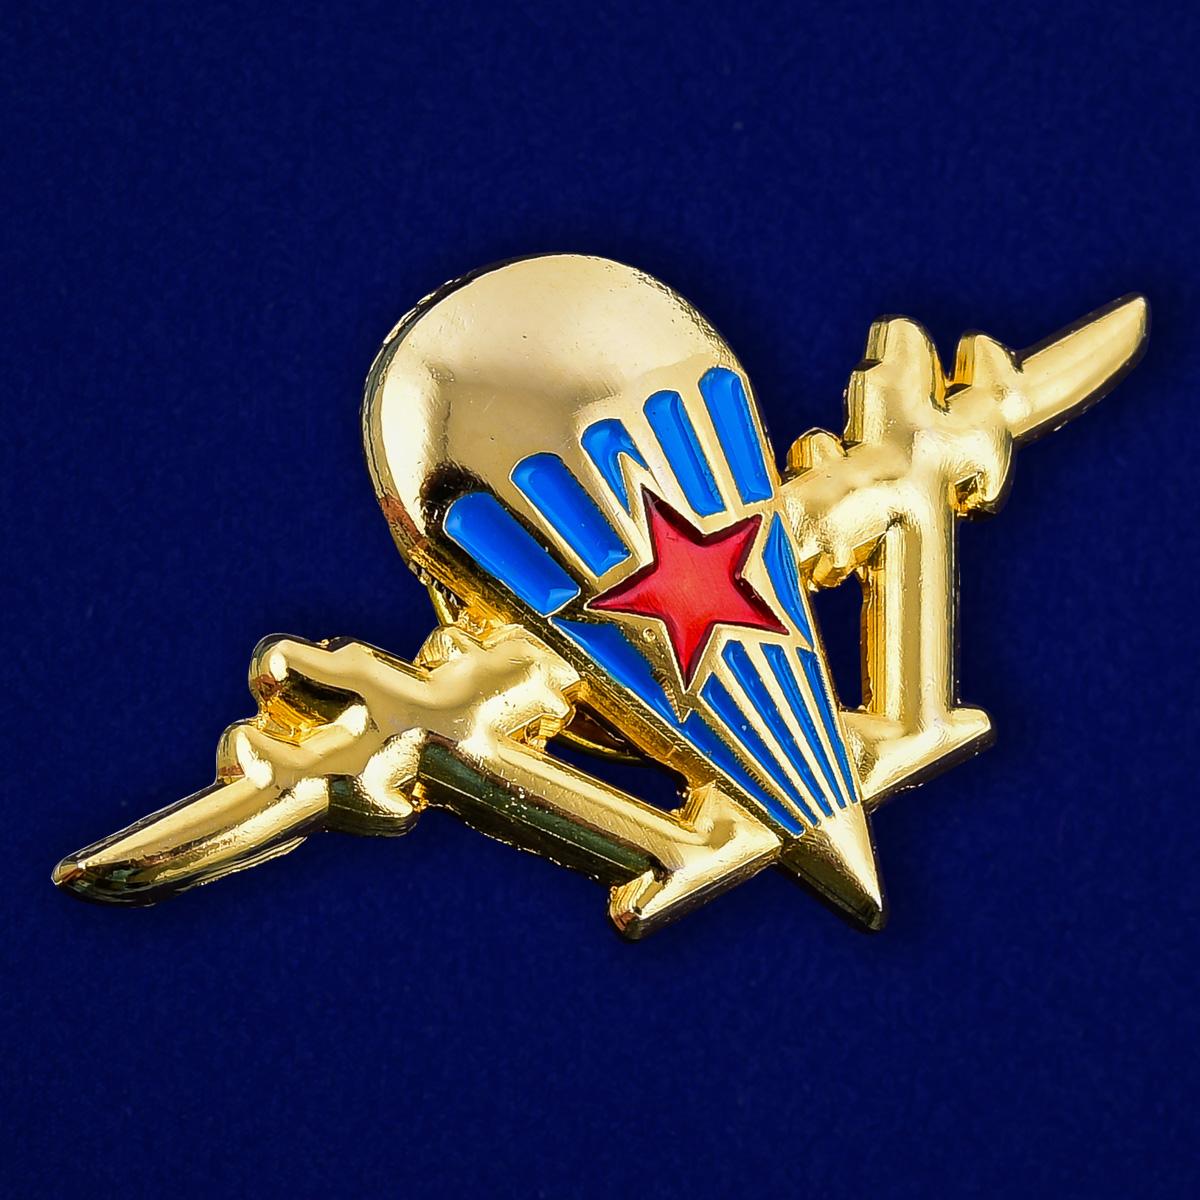 Подарочный фрачник Воздушно-десантных войск в форме парашюта